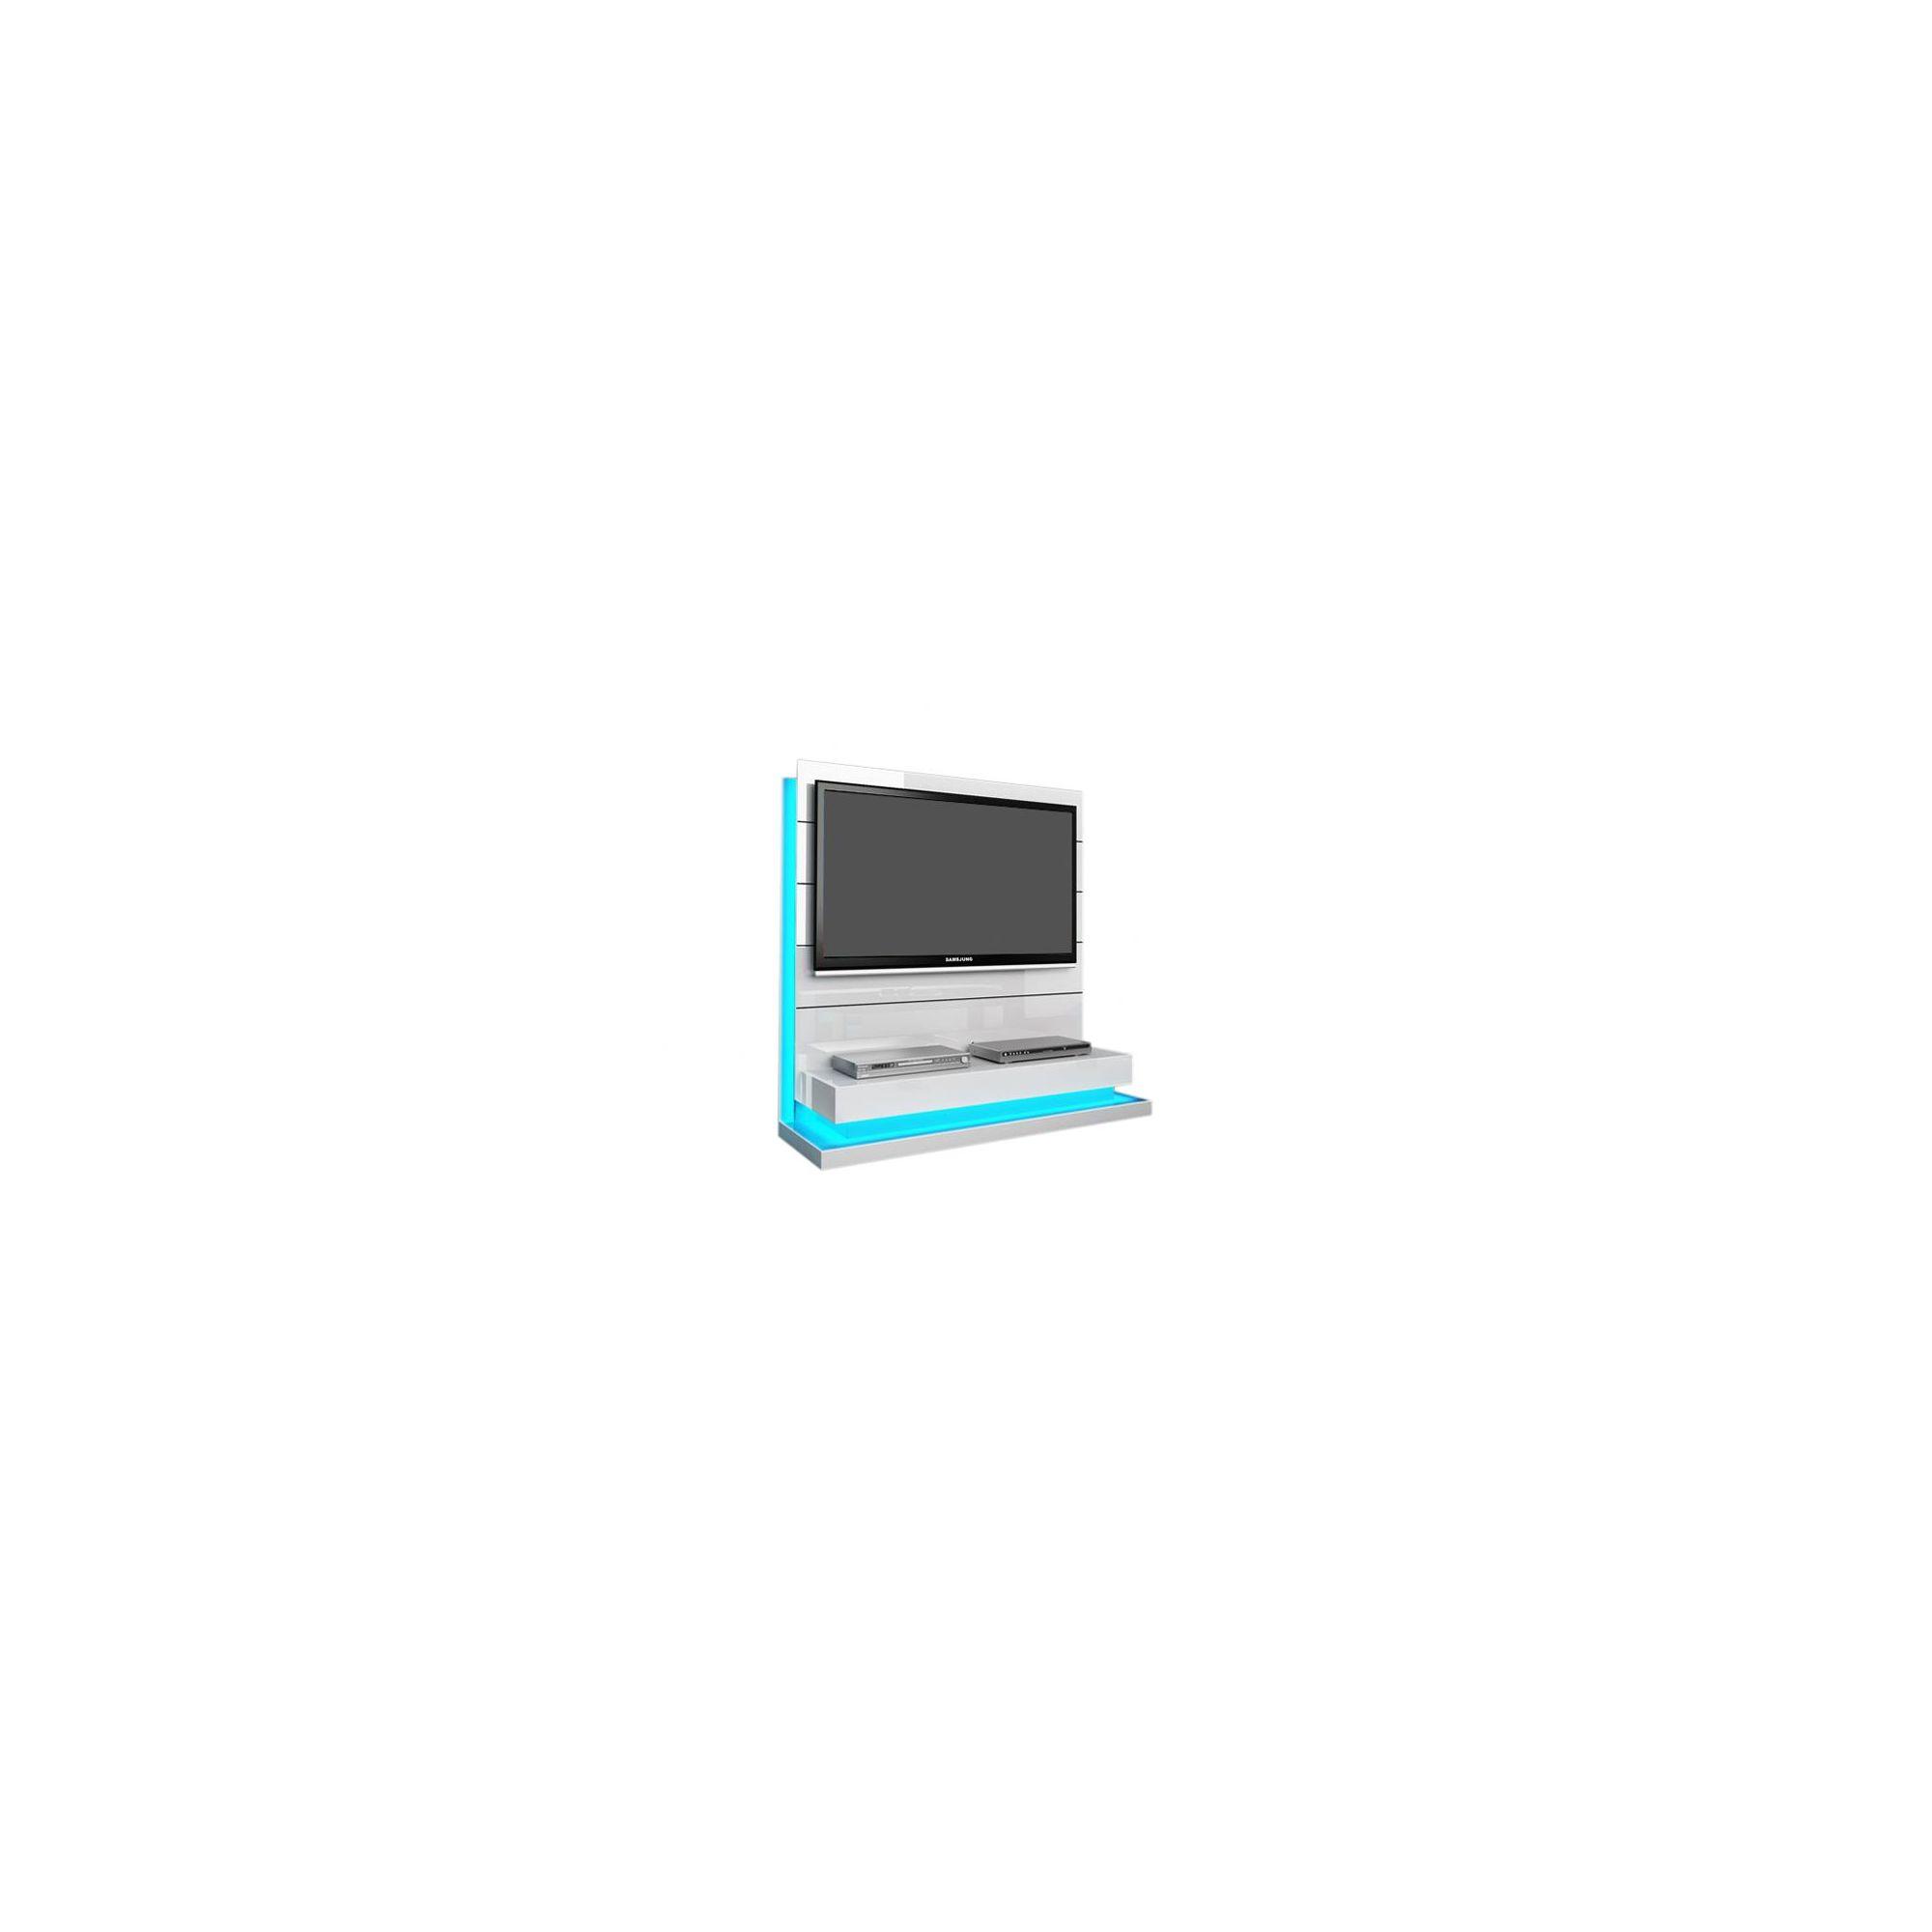 Triskom Contemporary 55'' TV Stand - White Gloss at Tesco Direct